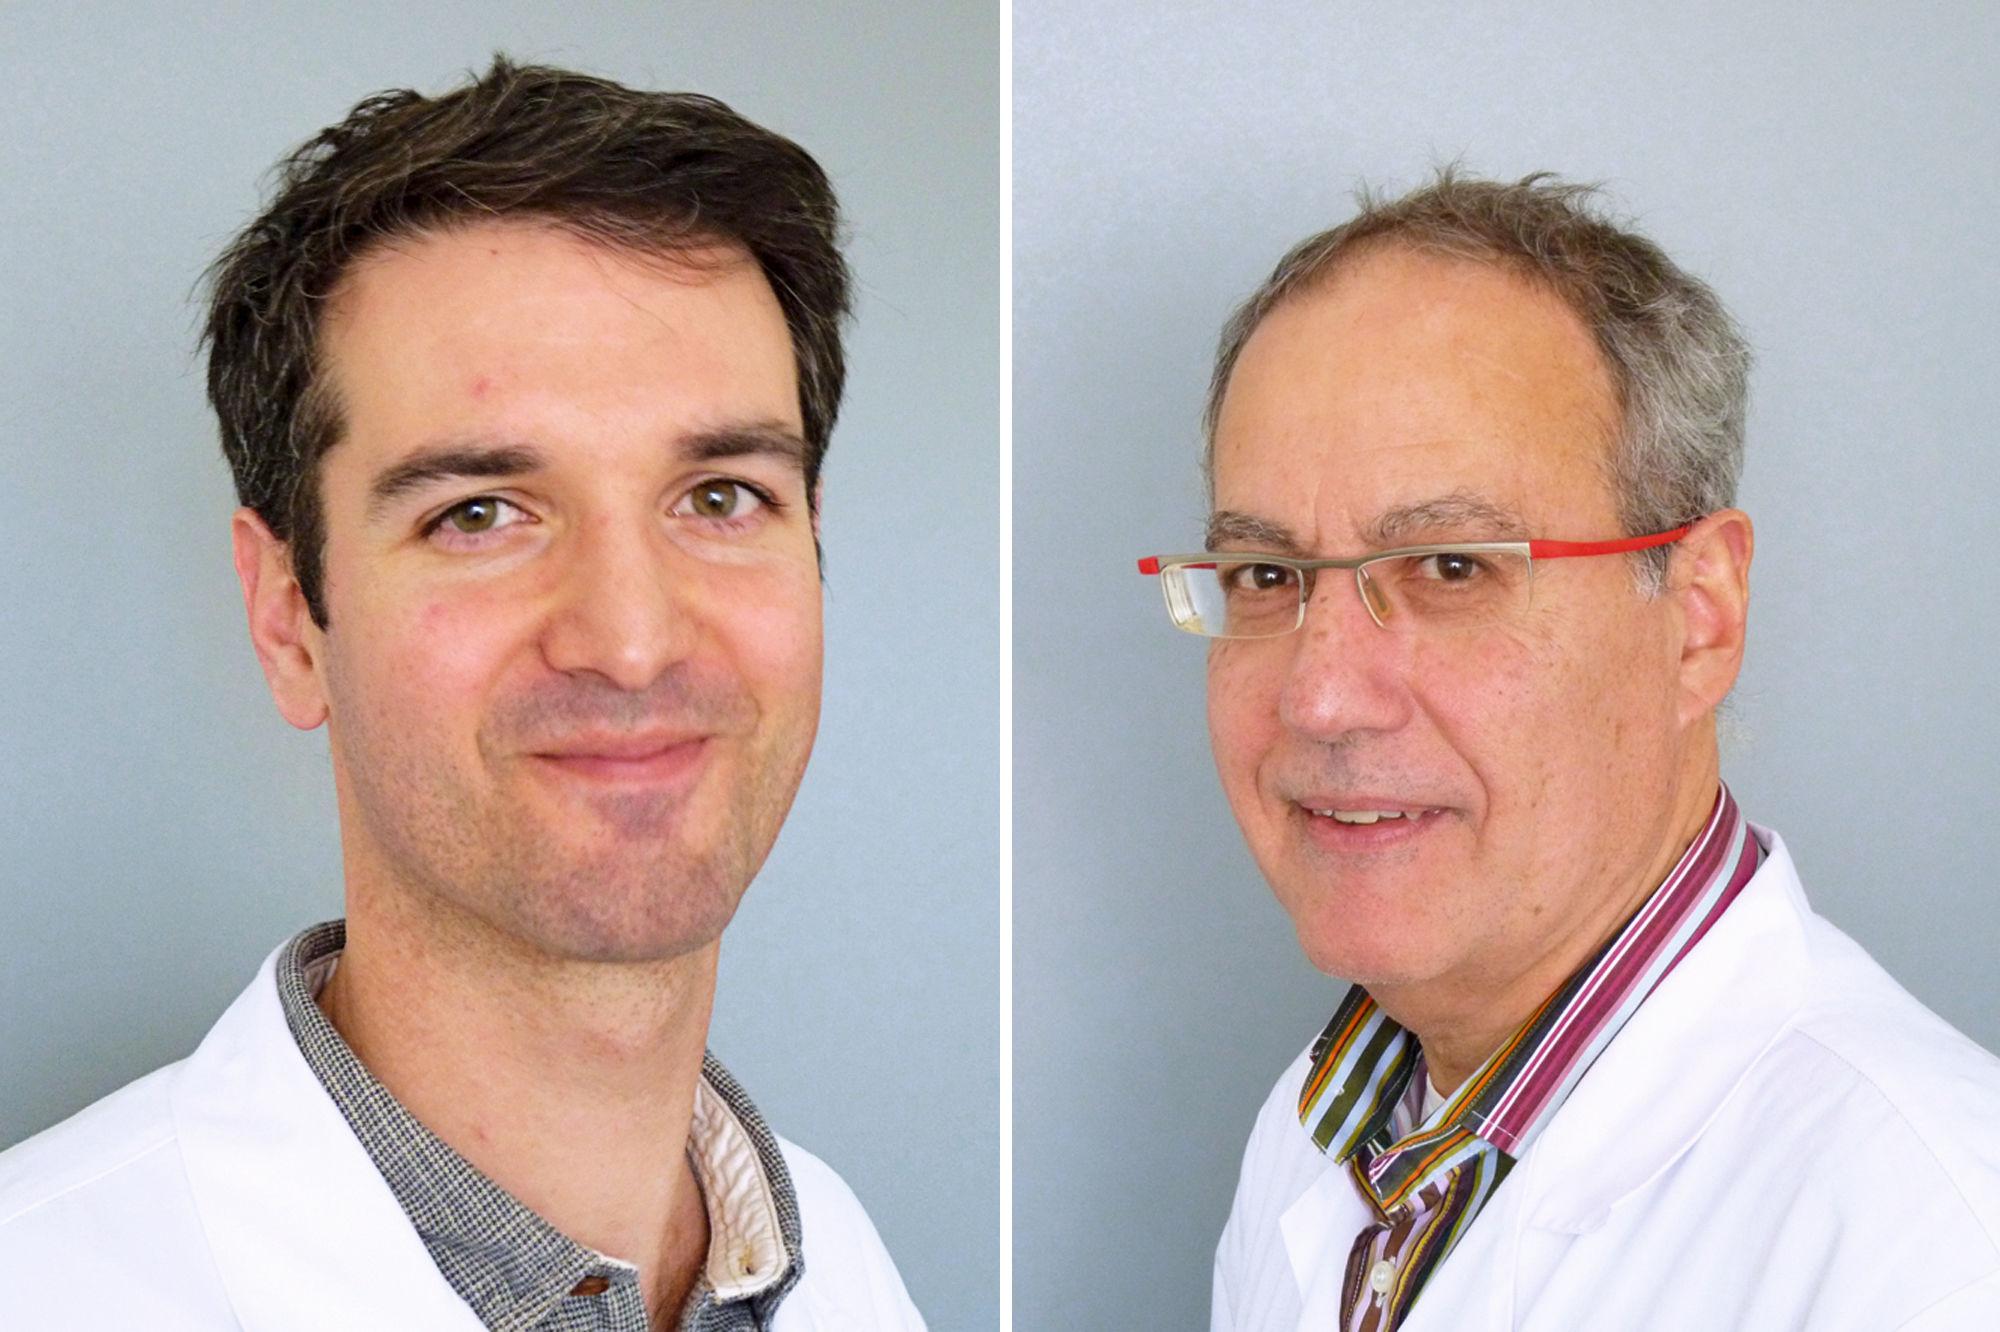 Premiere-mondiale-chirurgie-du-cerveau-sous-hypnose